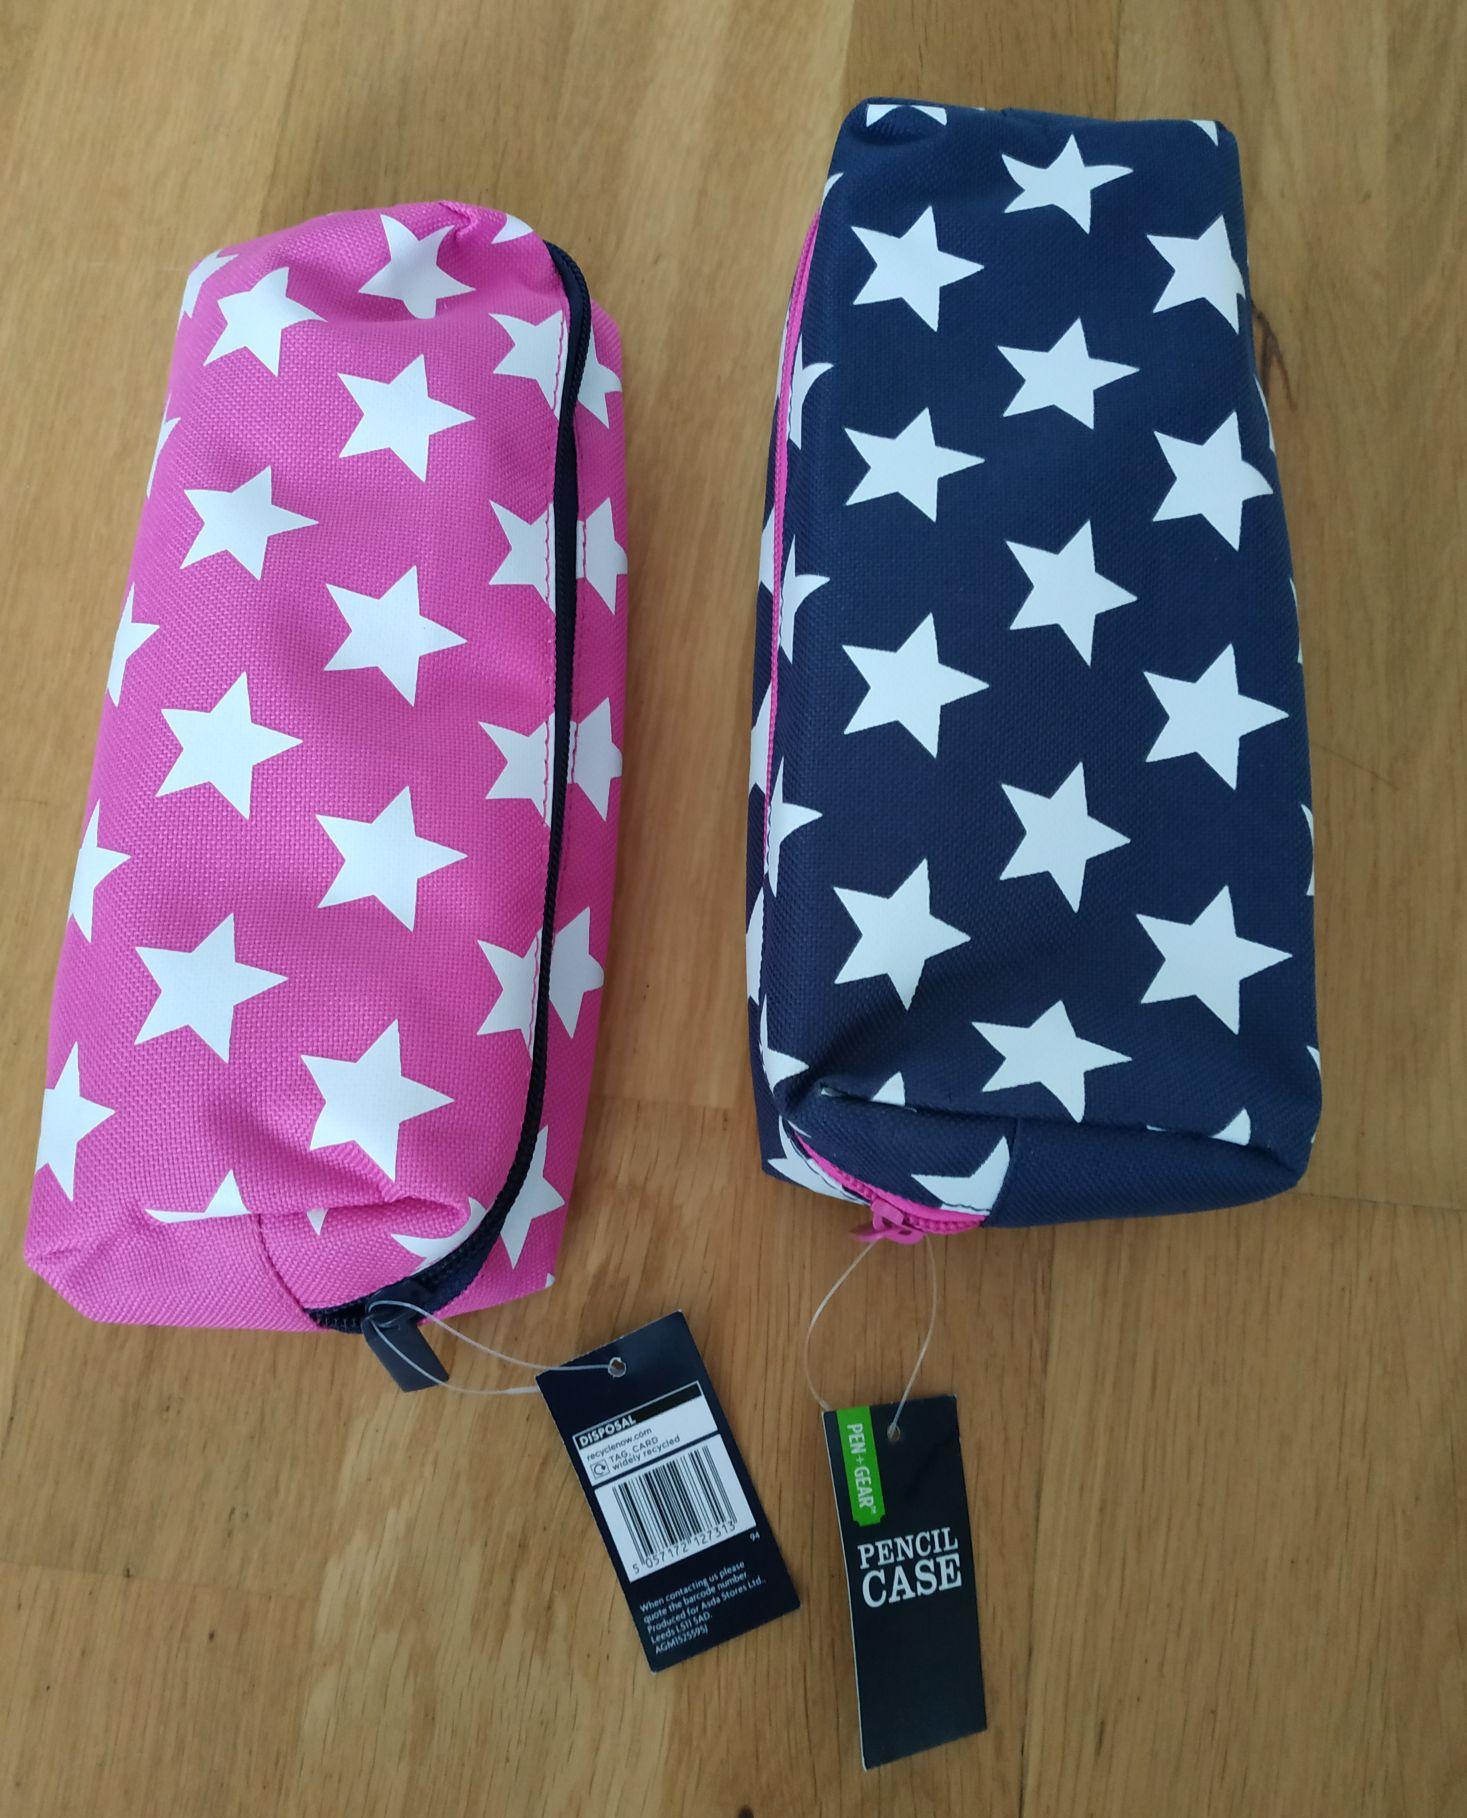 Asda star pencil case 30p @ ASDA (Taunton)